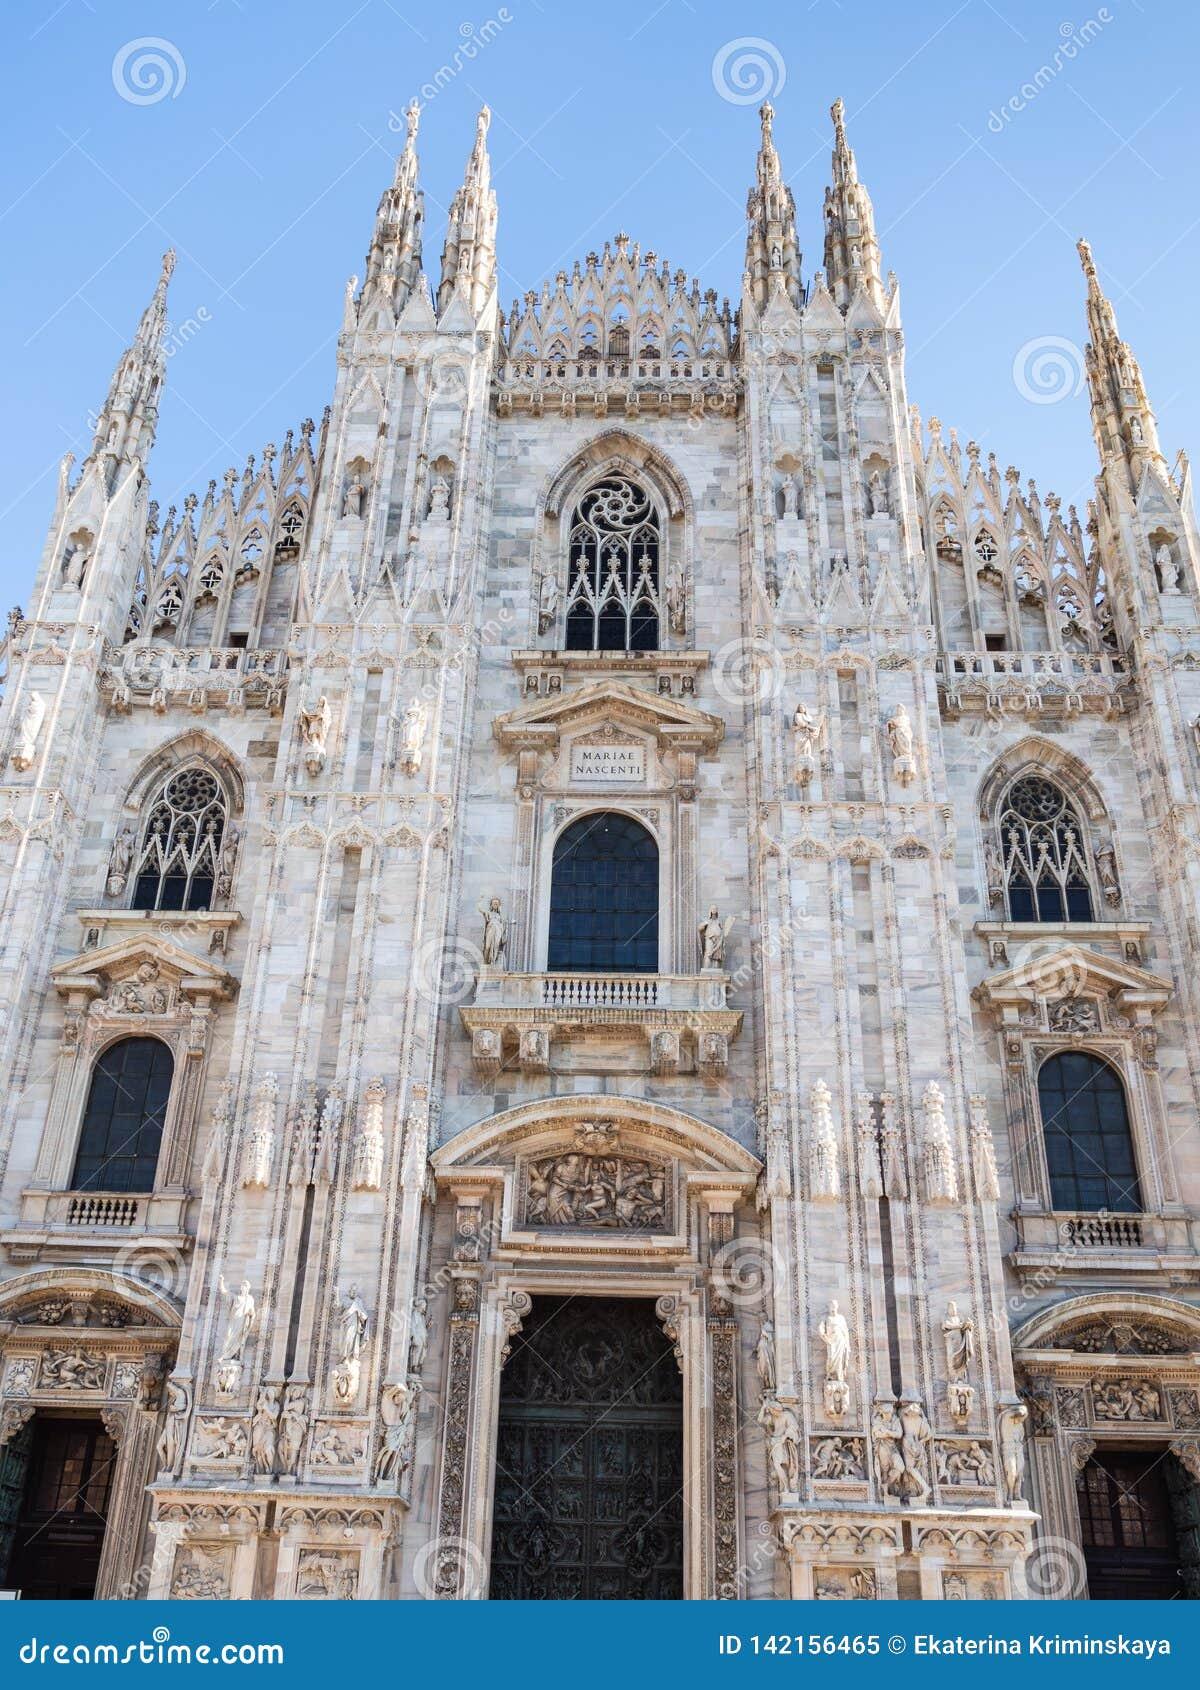 Μπροστινή άποψη του καθεδρικού ναού του Μιλάνου στη μεσημβρία